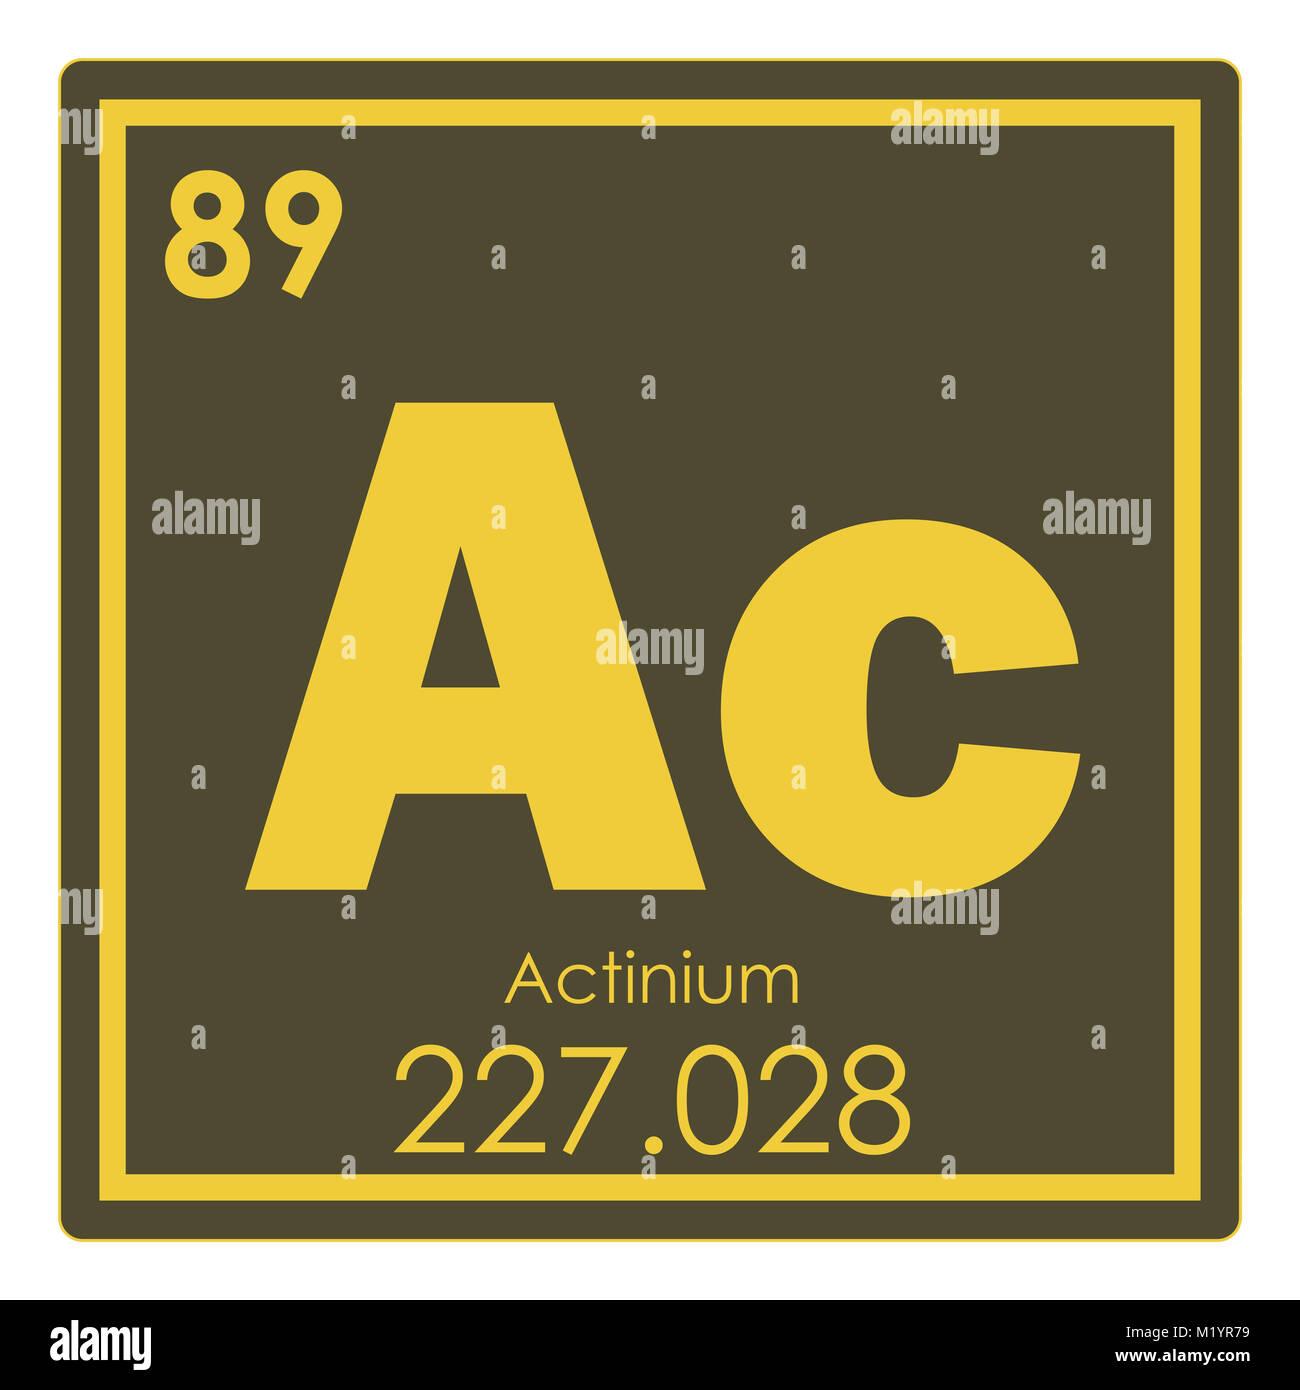 Actinium Chemical Element Periodic Table Science Symbol Stock Photo